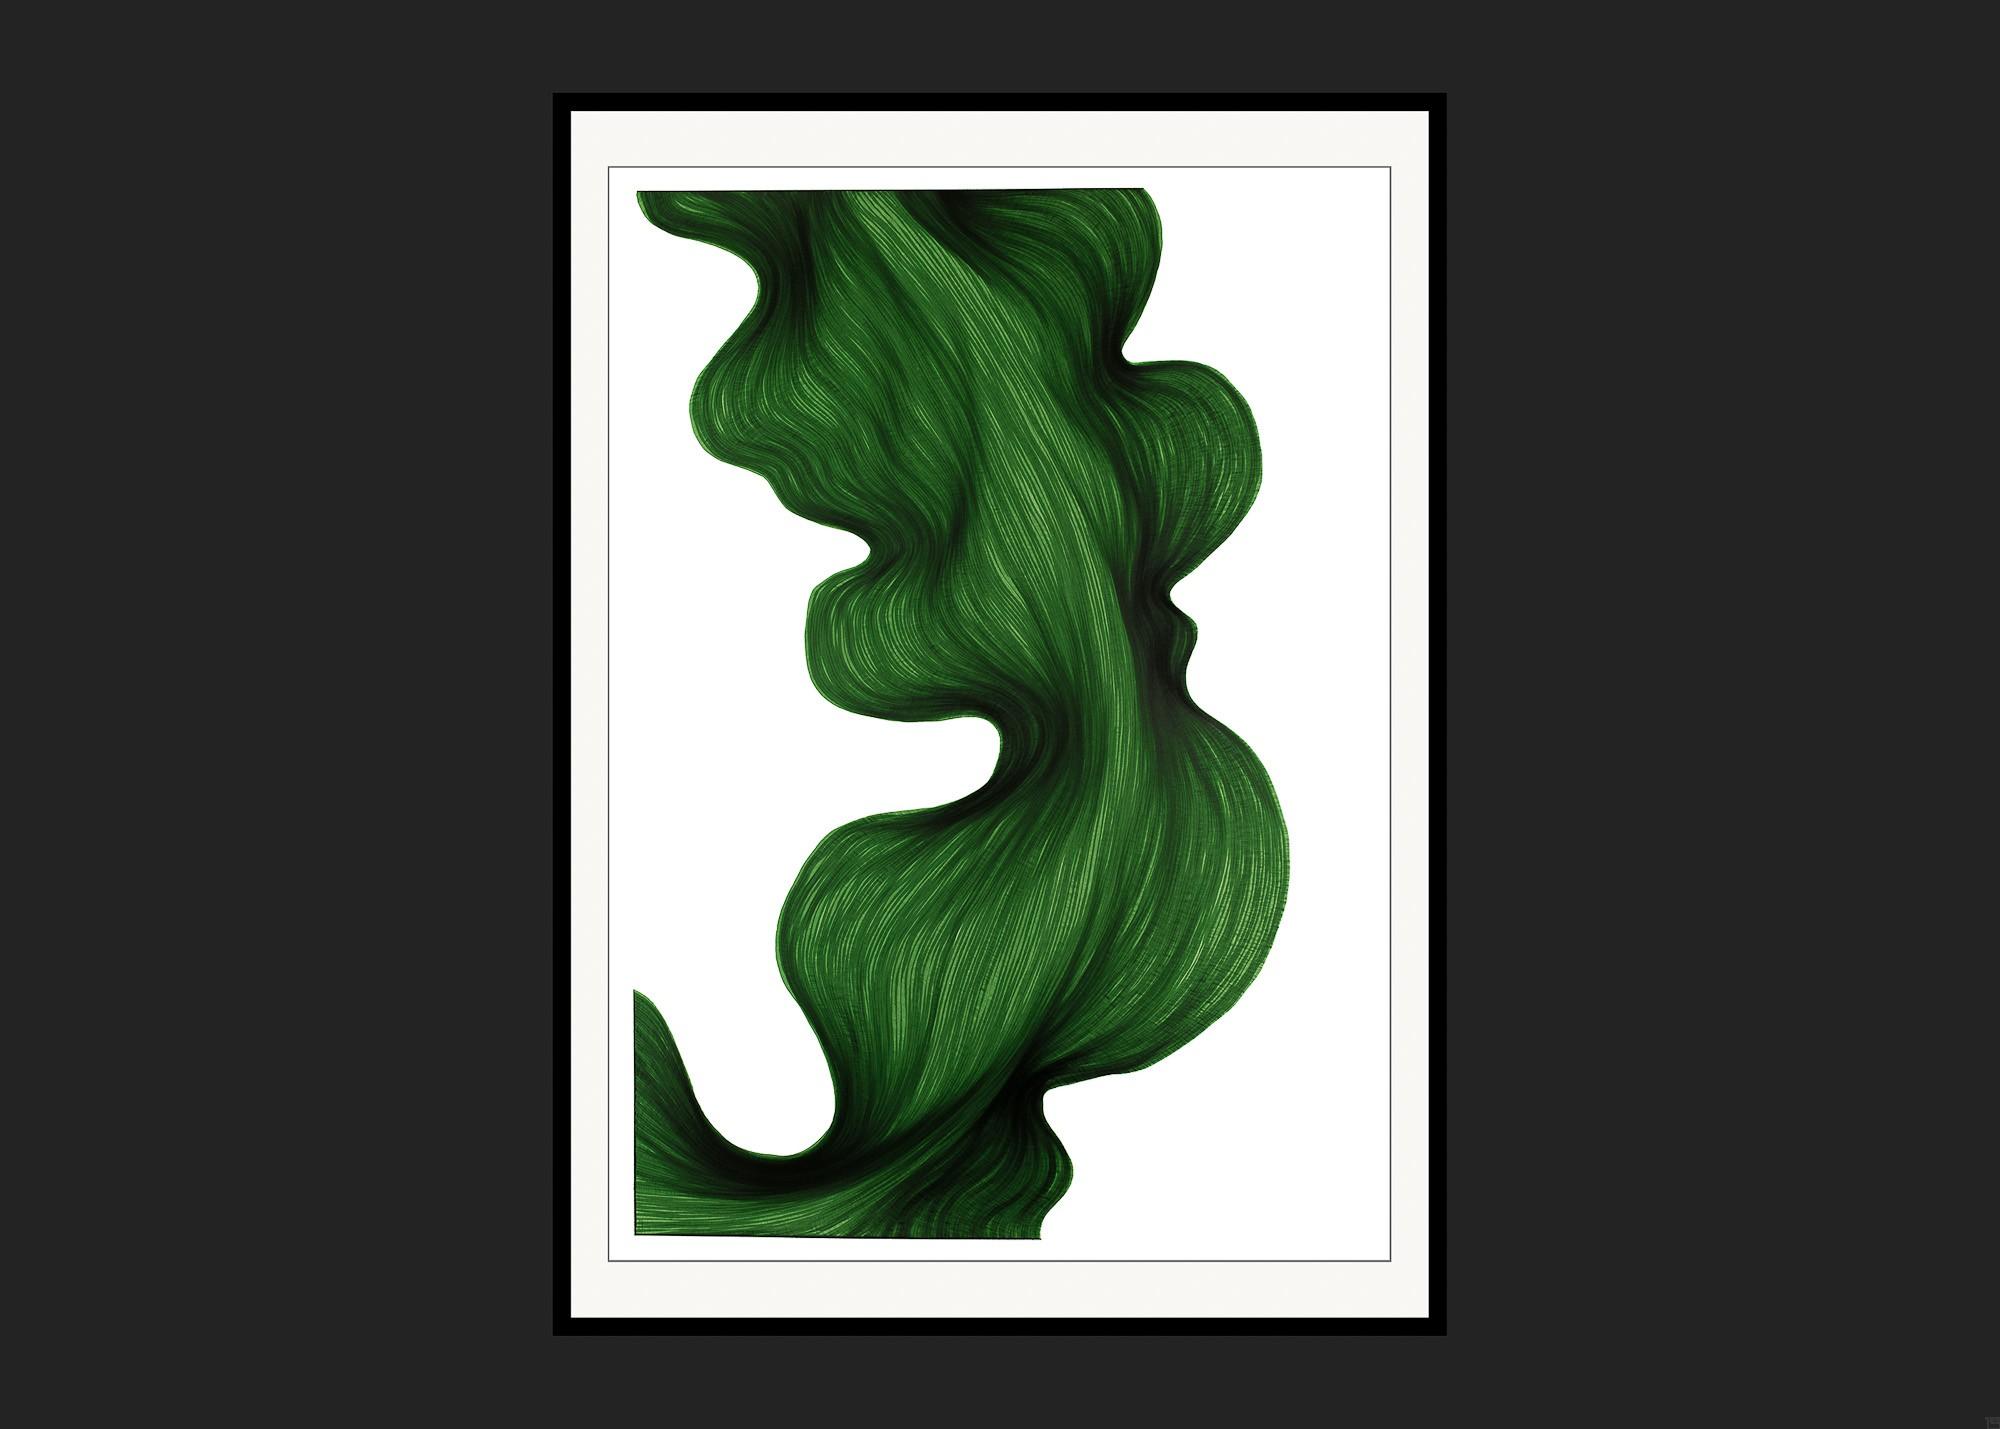 Deep Green Bend   Lali Torma   Zeichnung   Kalligraphie Tinte auf Papier - gerahmt